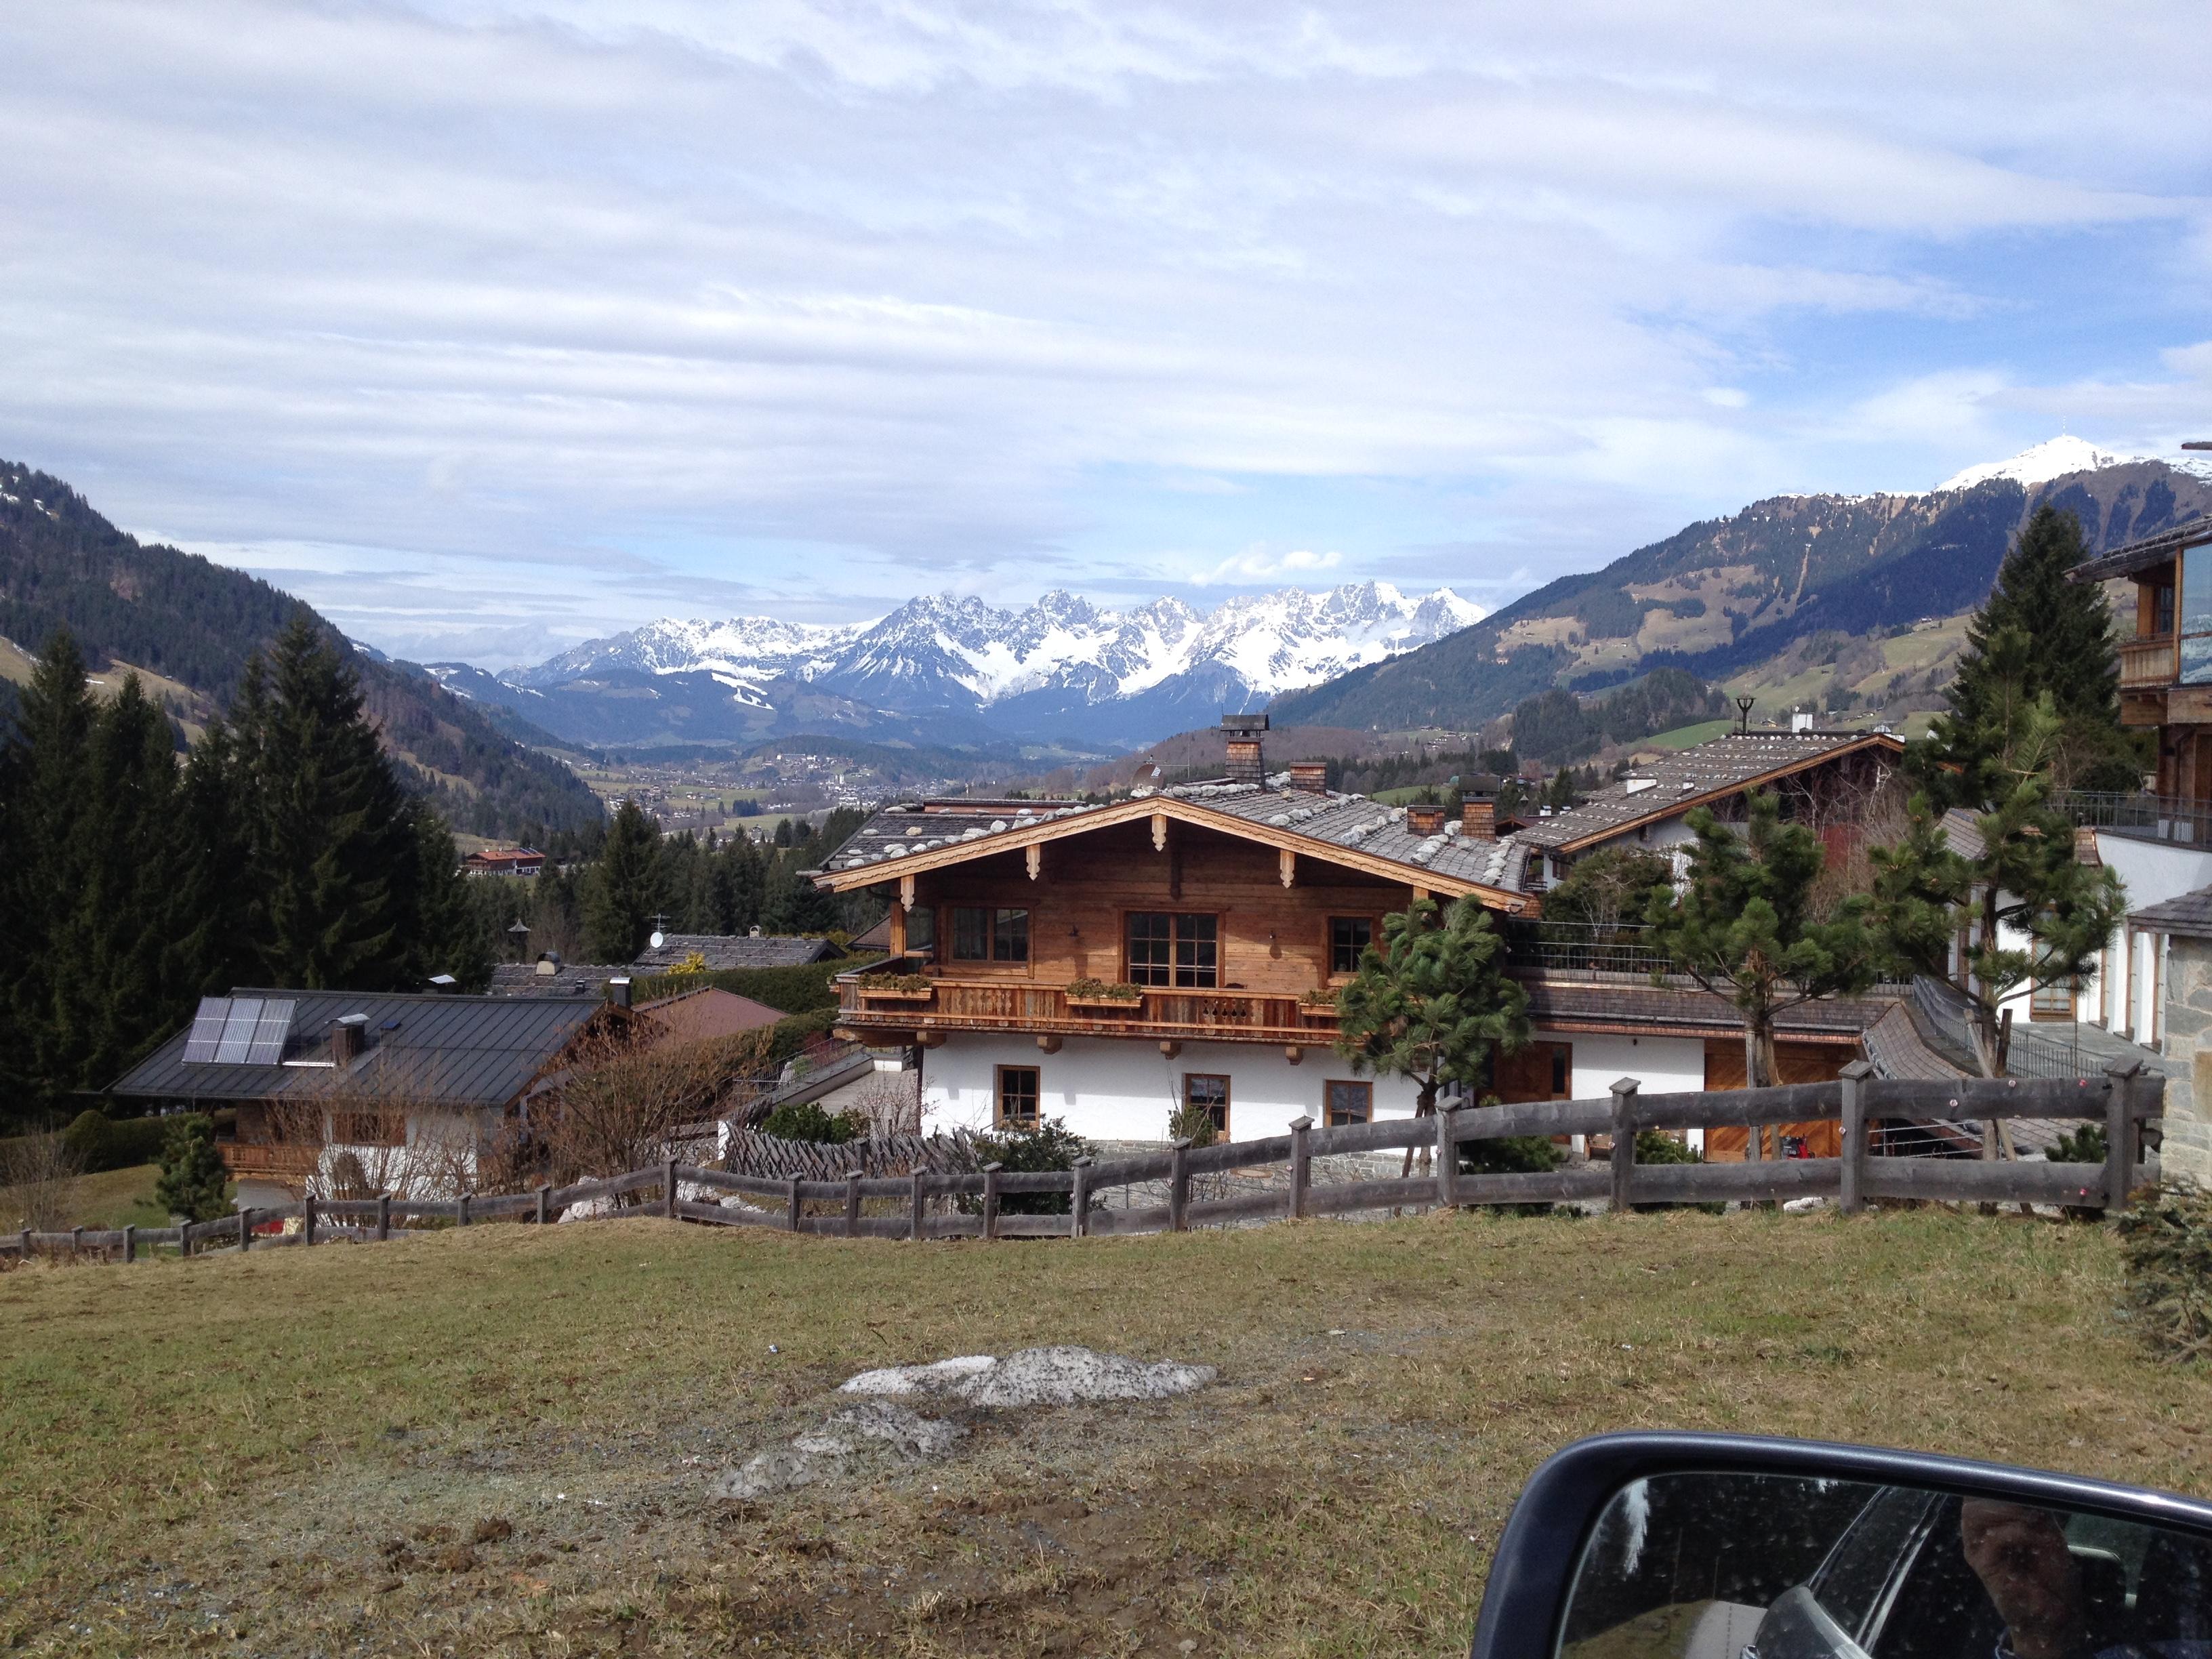 Anwesen in der KOchau/Aurach, Blick in den Wilden Kaiser mit Gästehaus im Vordergrund